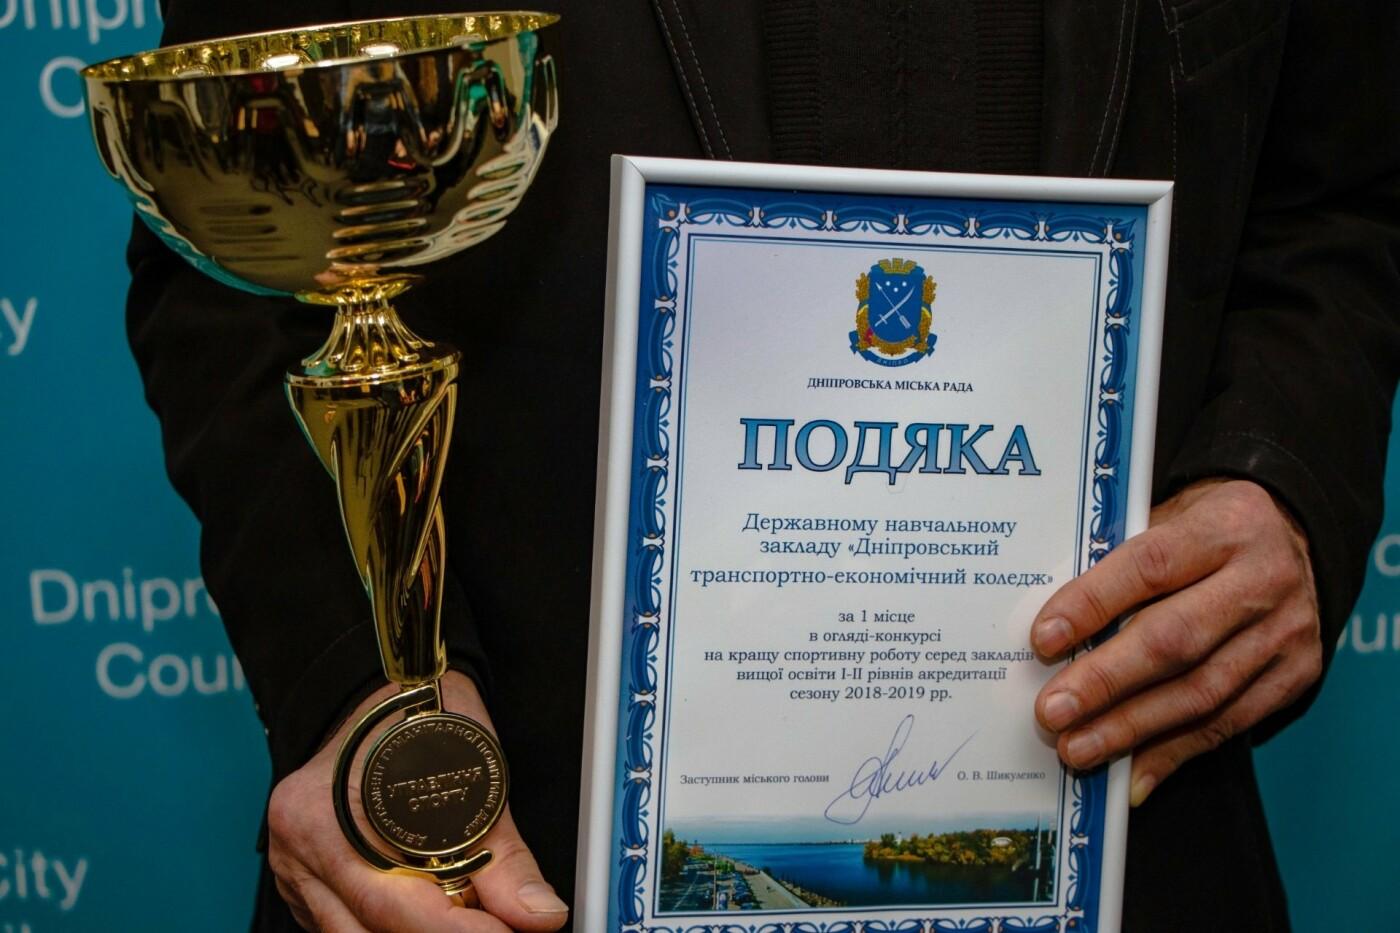 Днепровские колледжи и техникумы наградили за спортивные заслуги студентов, фото-2